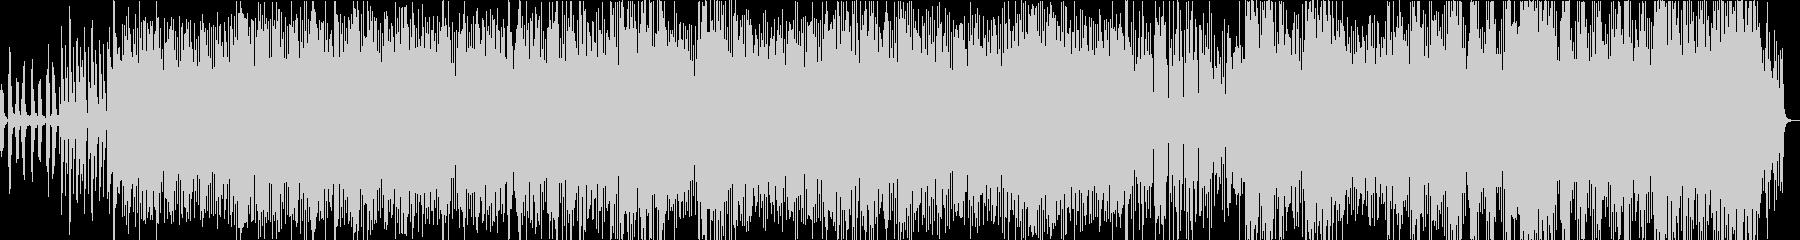 魅惑的なポップハウス曲の未再生の波形